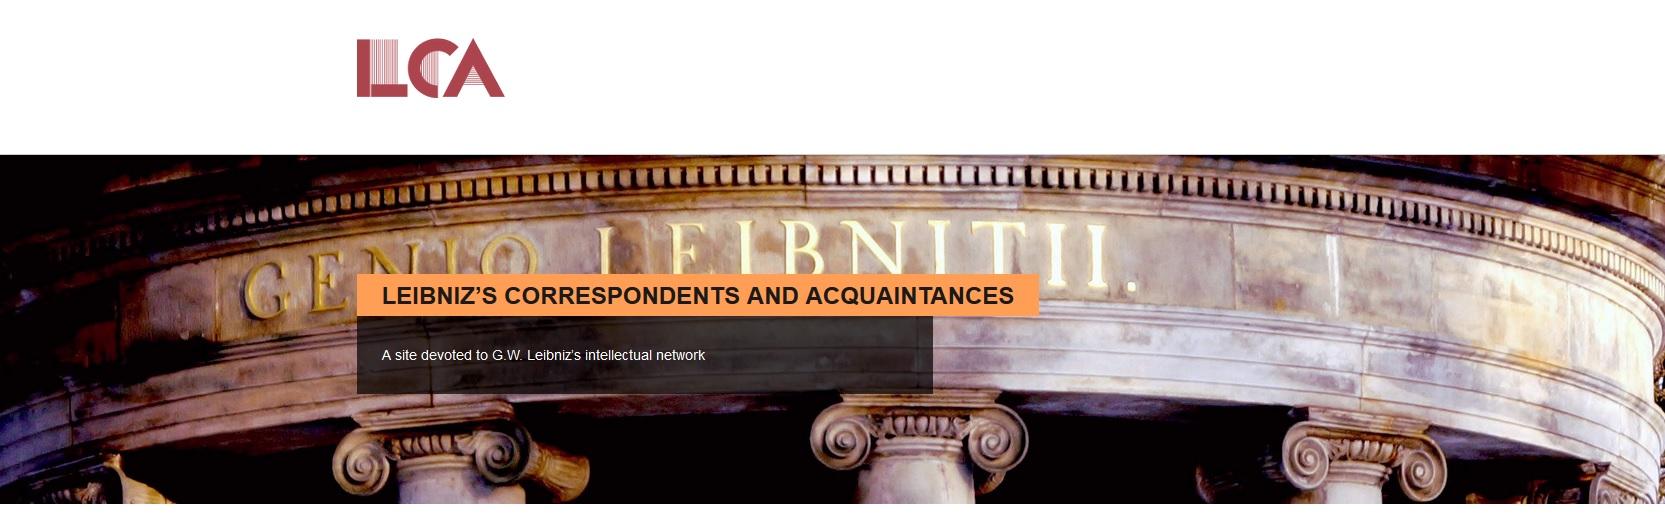 Leibniz's Correspondents and Acquaintances